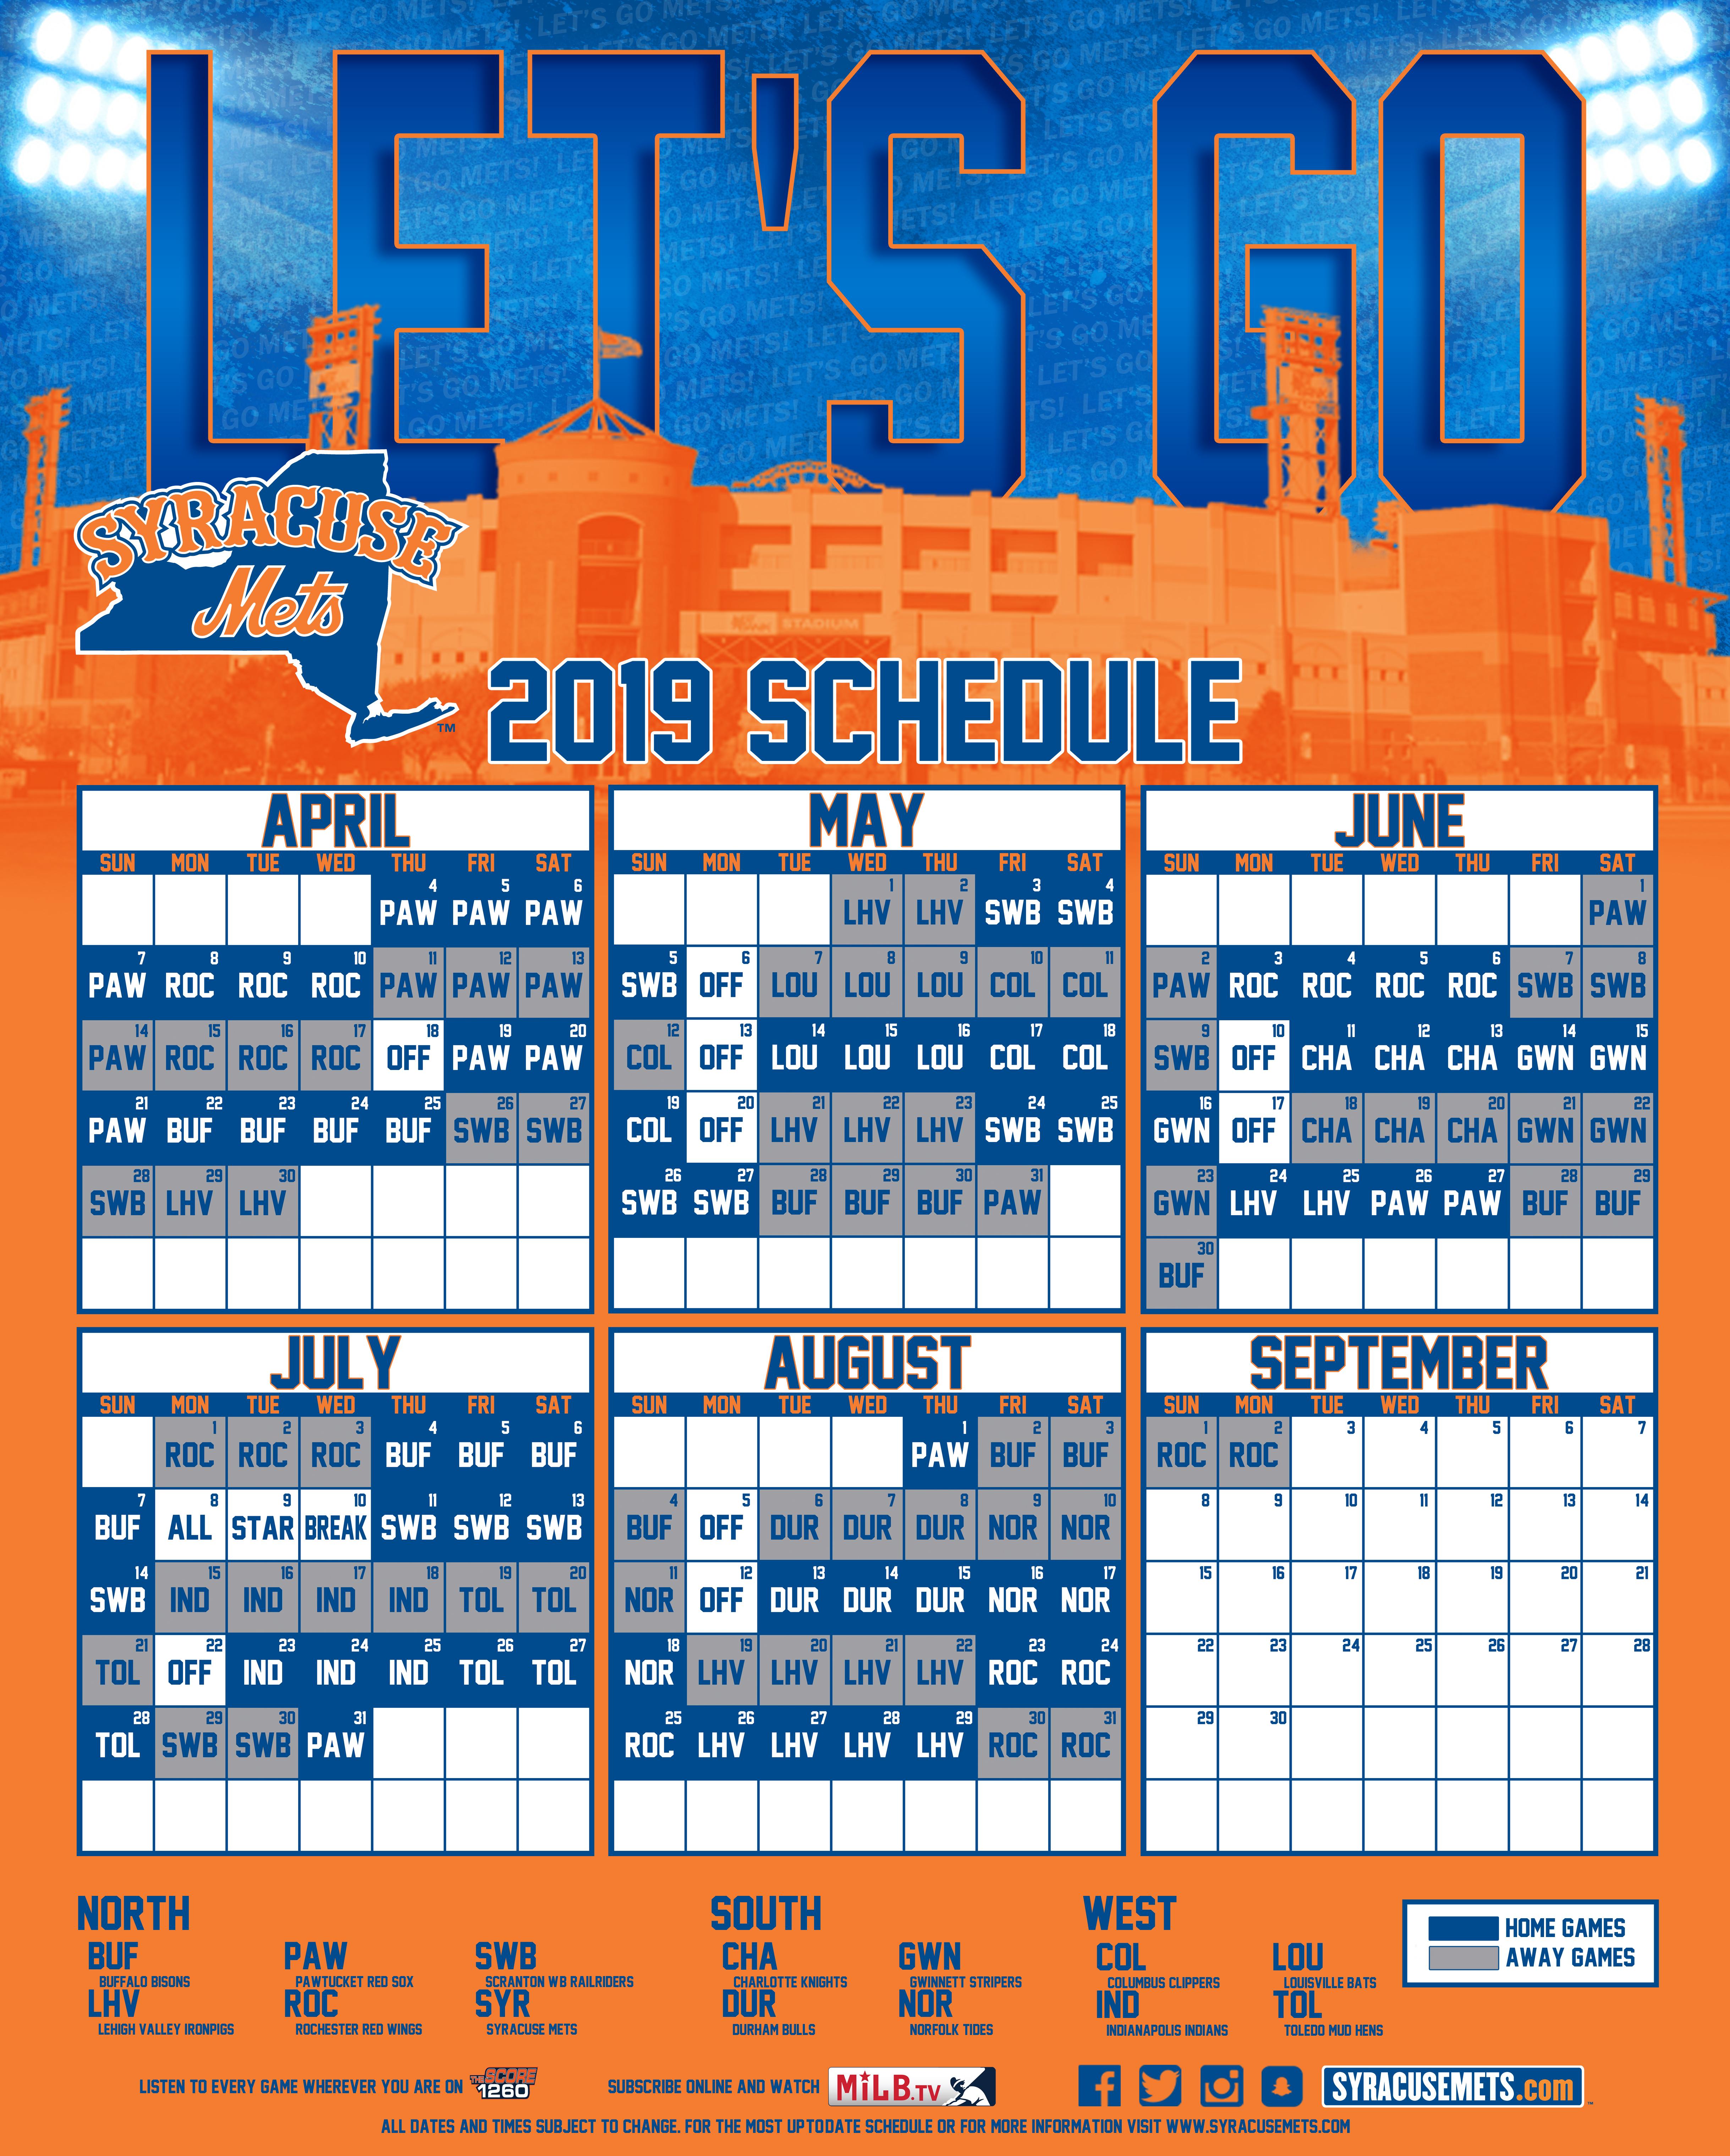 Ironpigs Schedule 2020 Syracuse Mets Schedule | Schedule | Mets